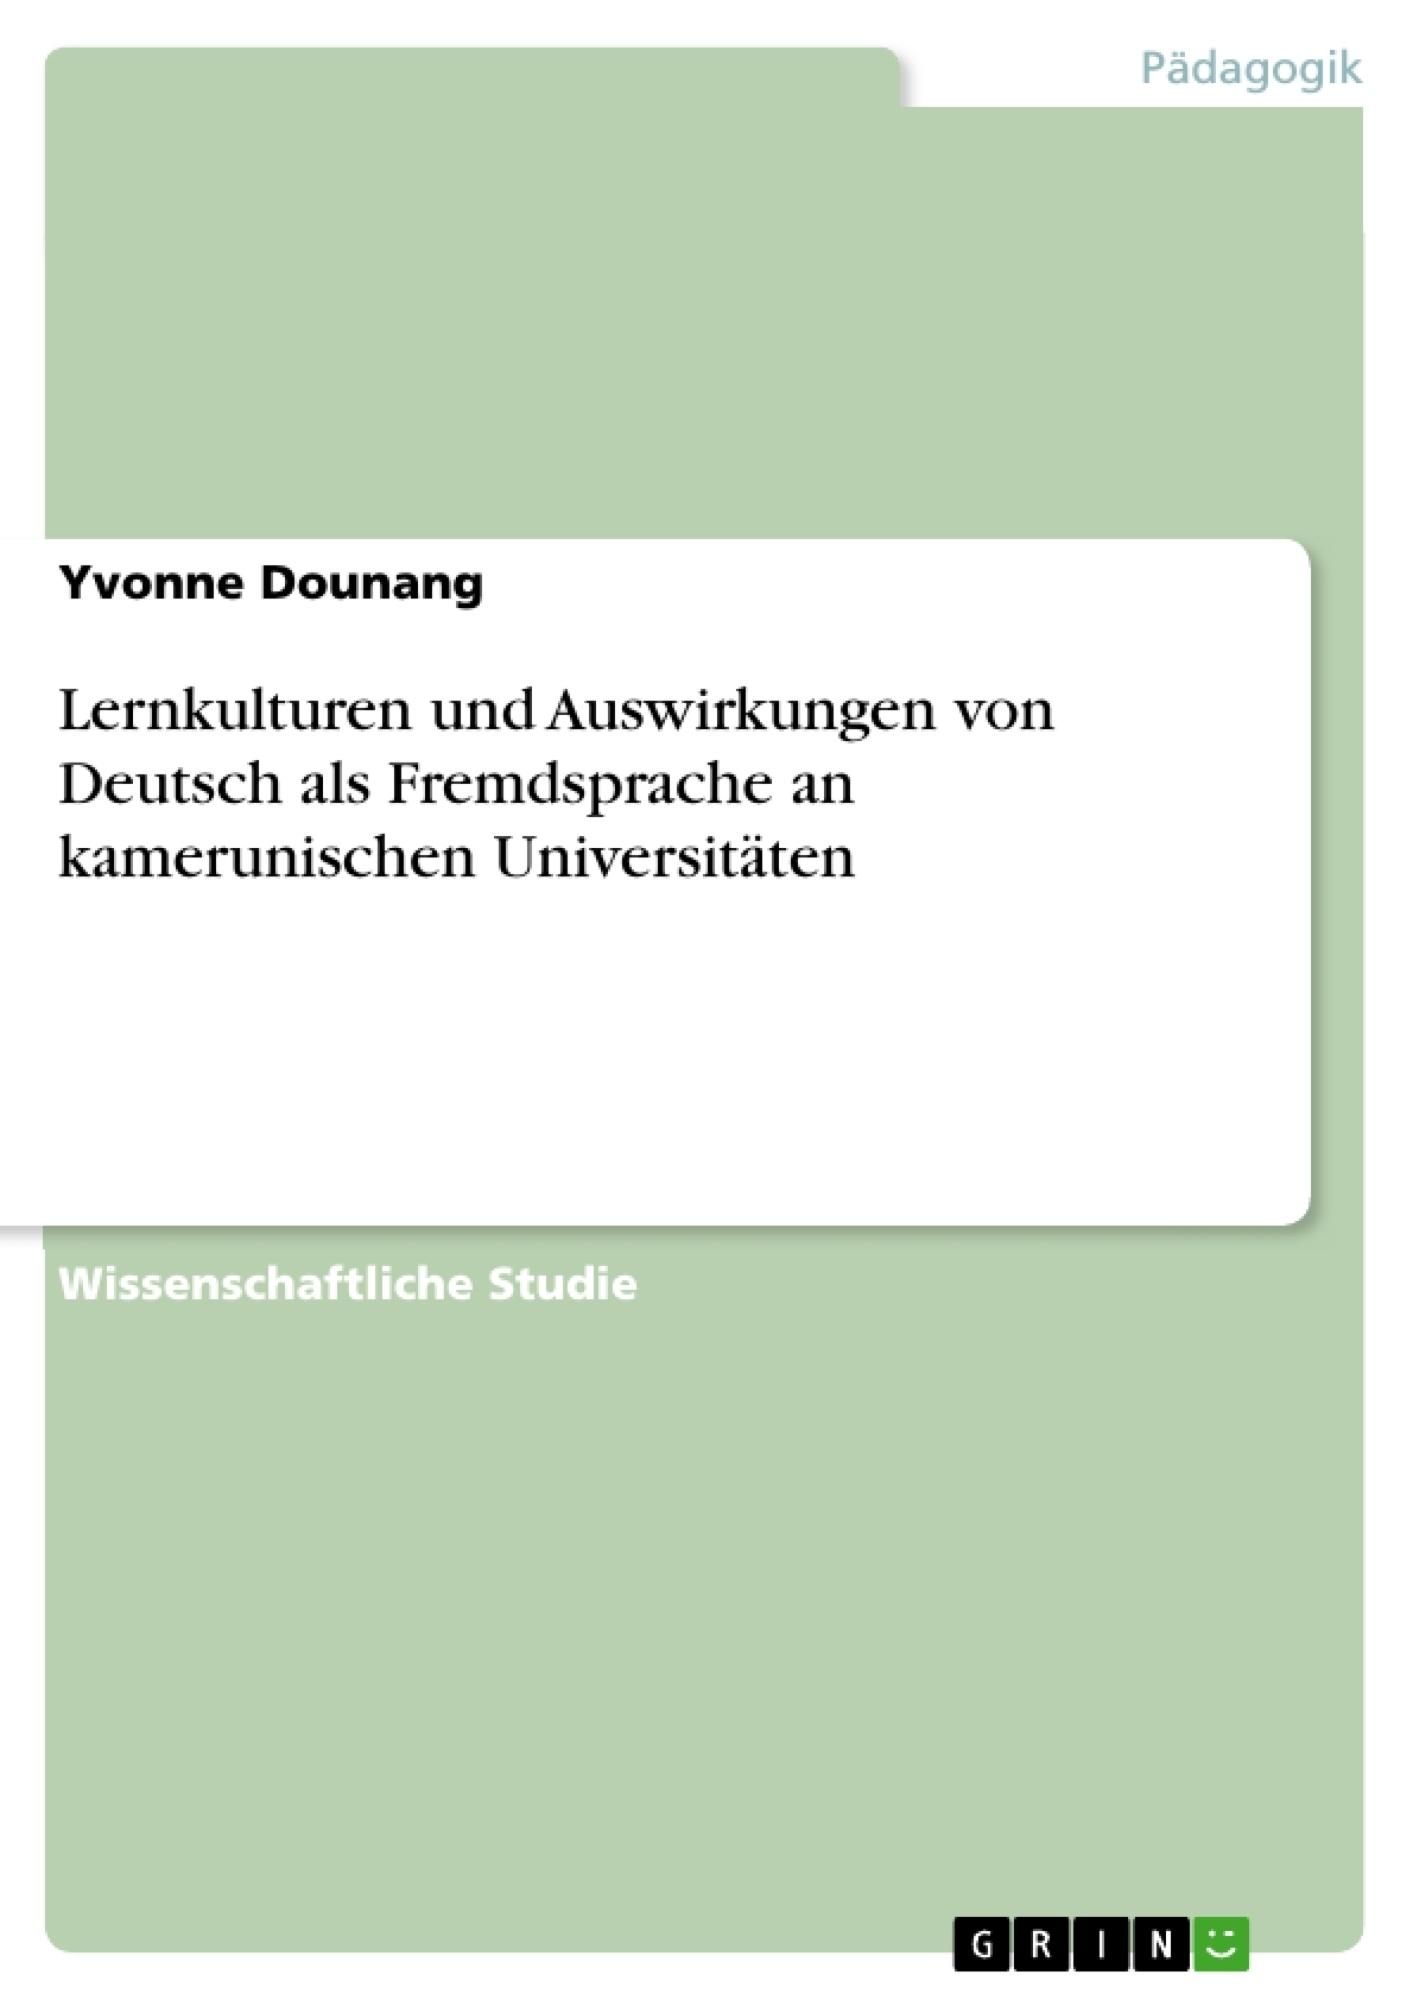 Titel: Lernkulturen und Auswirkungen von Deutsch als Fremdsprache an kamerunischen Universitäten